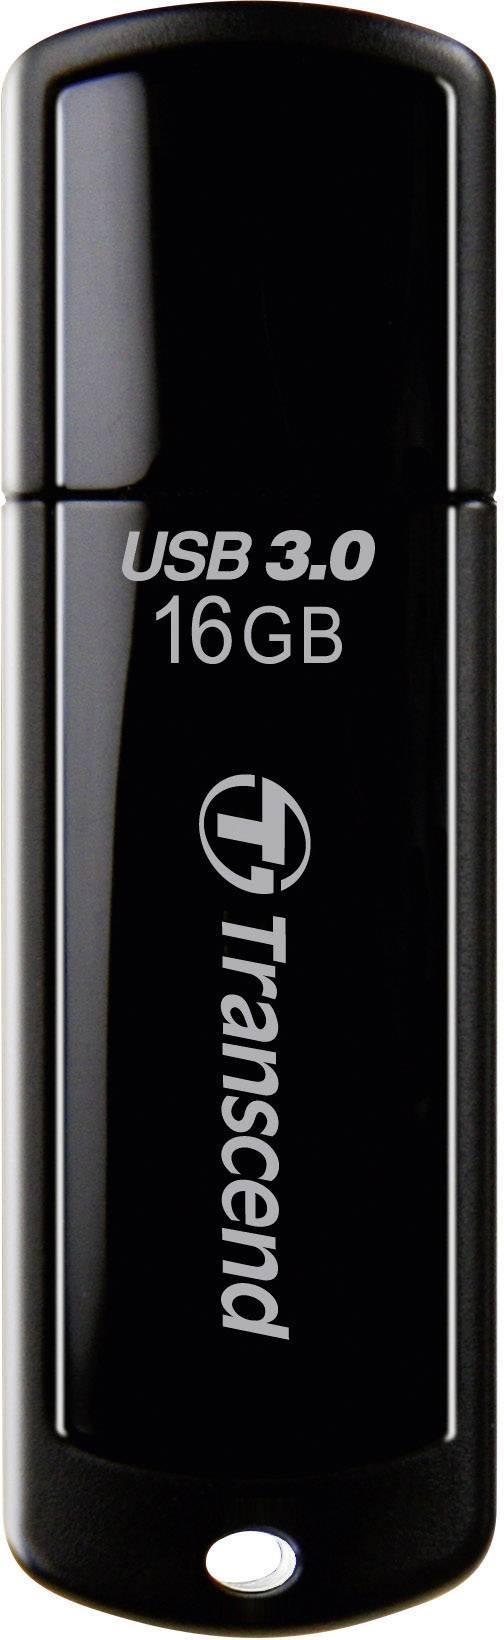 USB flash disk Transcend JetFlash® 700 16 GB, USB 3.0, čierna